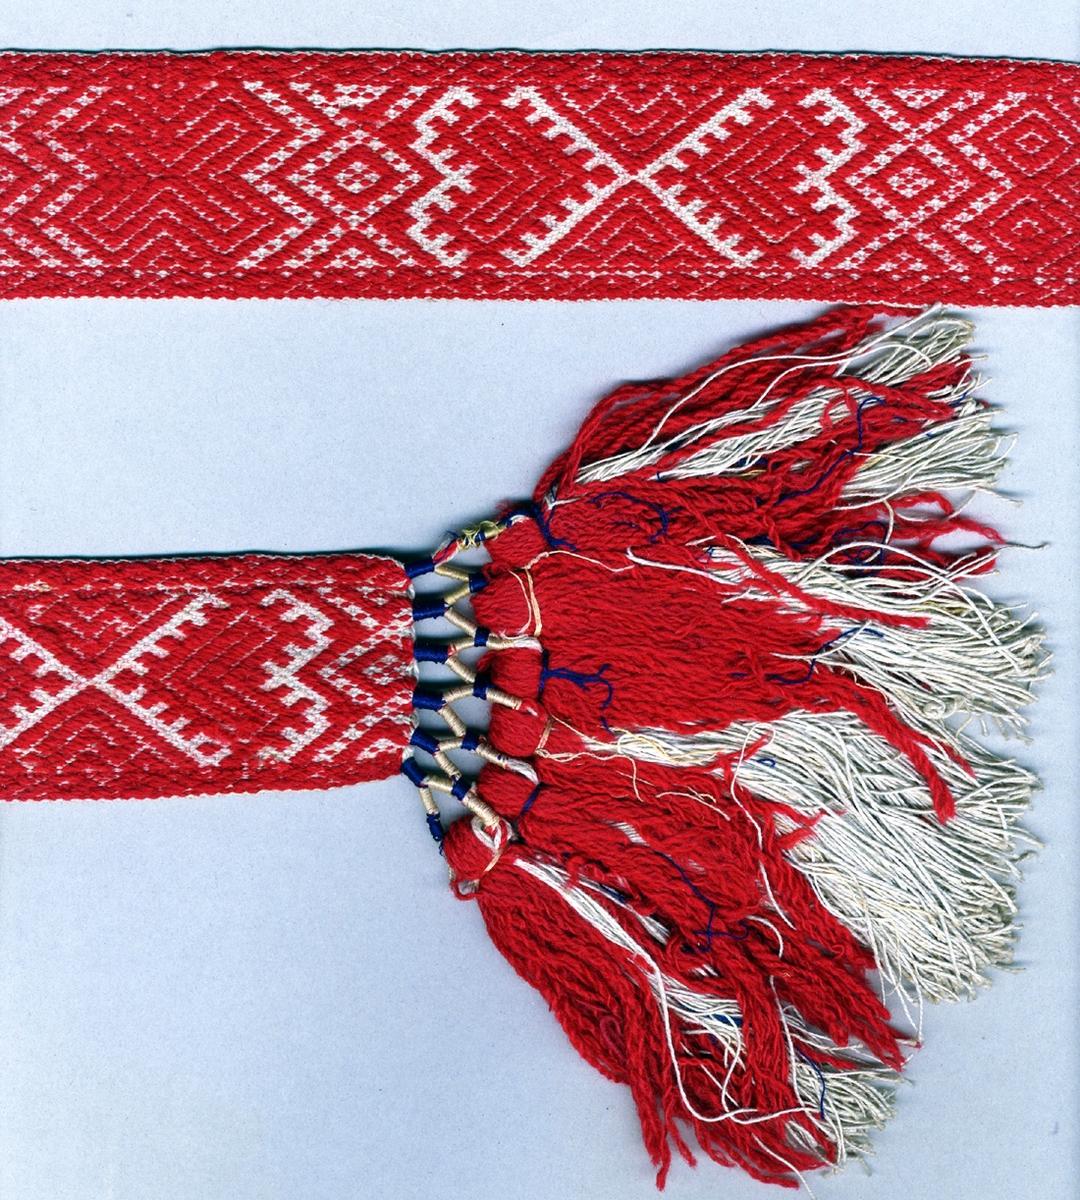 """Livband vävt i opphämta. Rött opphämtamönster på ljus botten. Avslutat i var ände med tofsar (120 mm långa); varptrådarna är omlindade med blått, blekrosa och gult silke vari frans av rött ullgarn och halvblekt lingarn och några få blå silketrådar är iknuten. Varp, botten i halvblekt 2-trådigt s-tvinnat lingarn. Varp, mönster i rött 2-trådigt z-tvinnat ullgarn. Två bottenvarptrådar mellan varje mönstervarptråd. Inslag i halvblekt 2-trådigt s-tvinnat lingarn. Märkt med påsydd tyglapp med texten: """"Malmö Hemslöjd."""". Längd inklusive tofsar."""